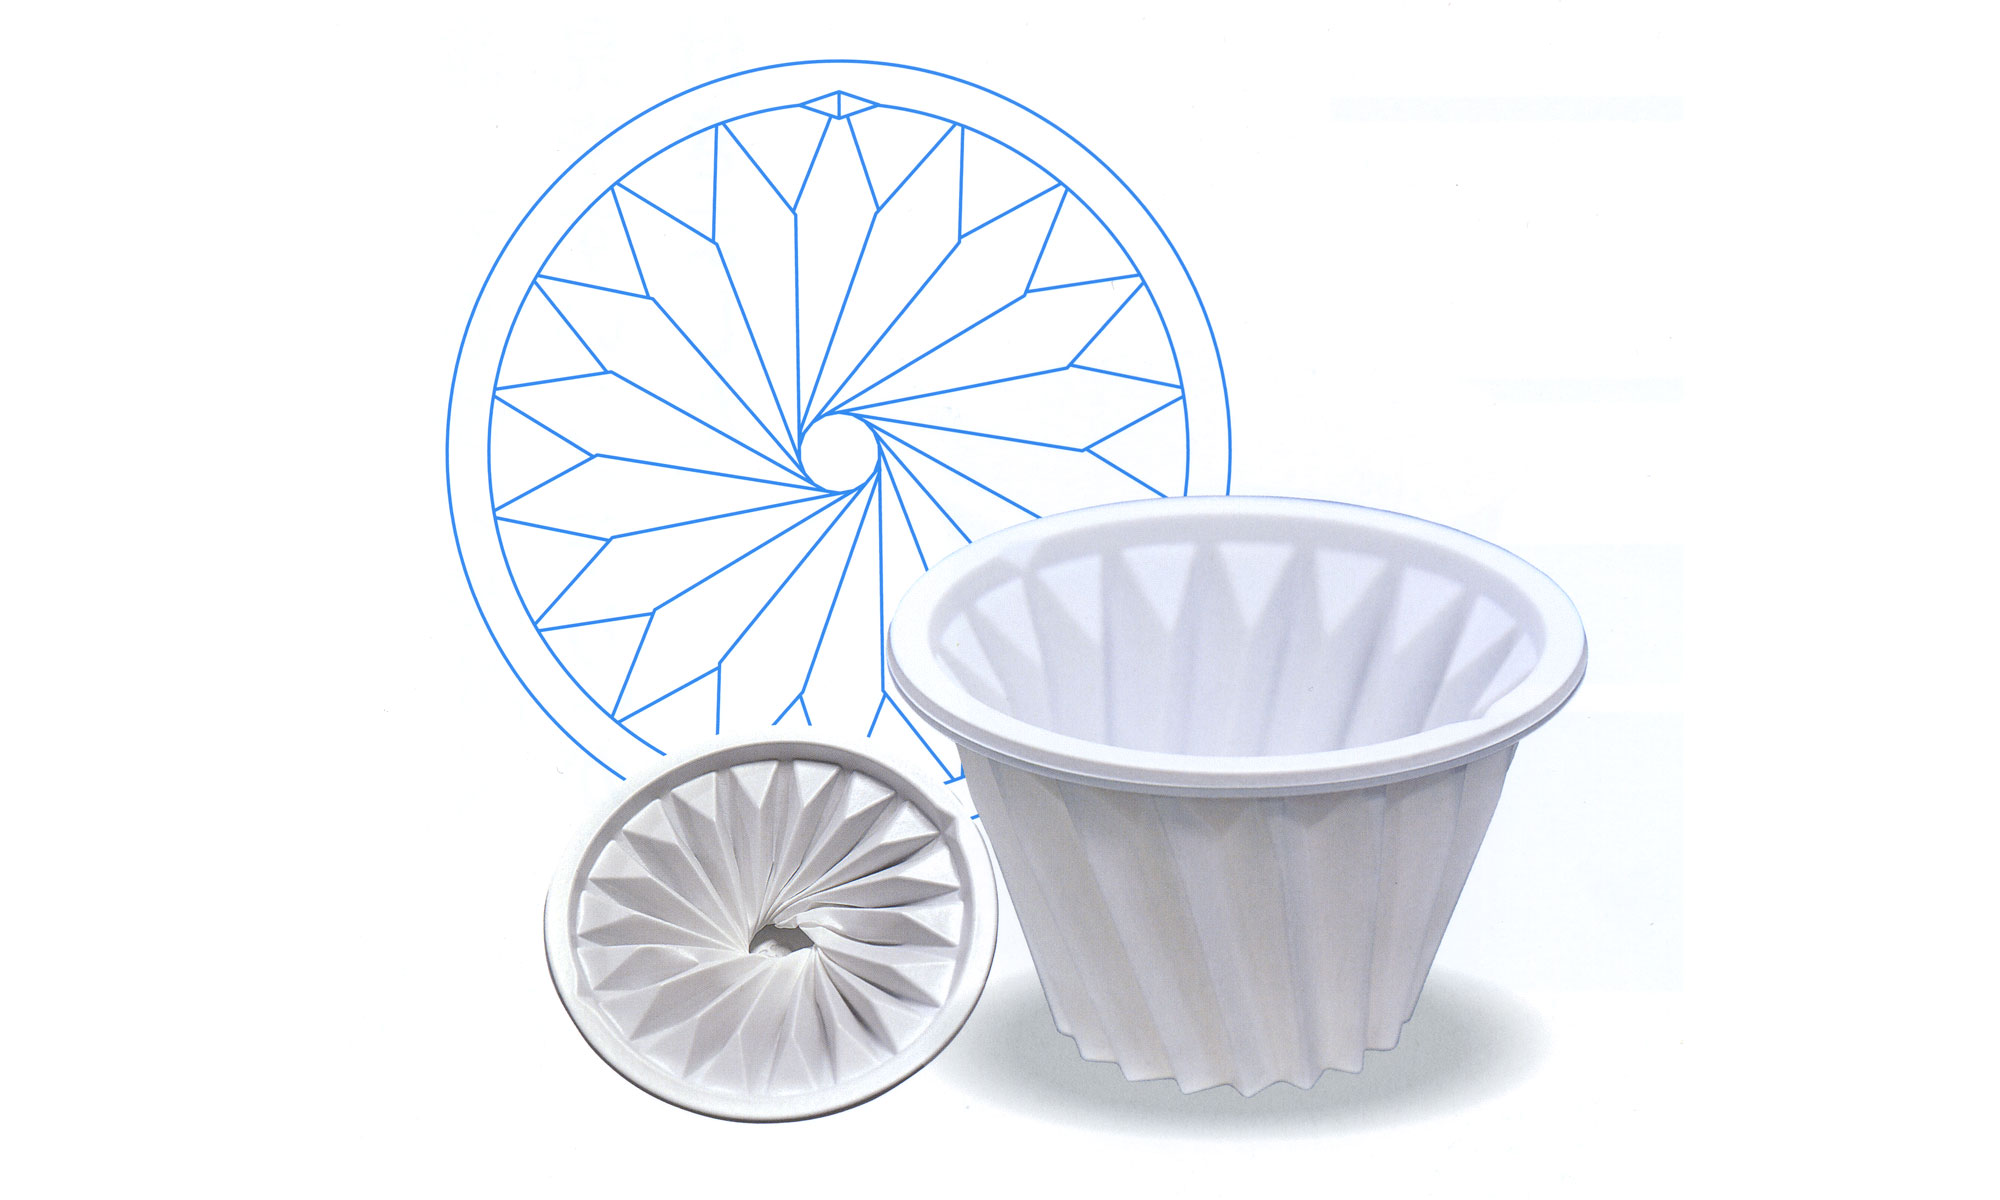 健診用紙コップ「VR CUP」